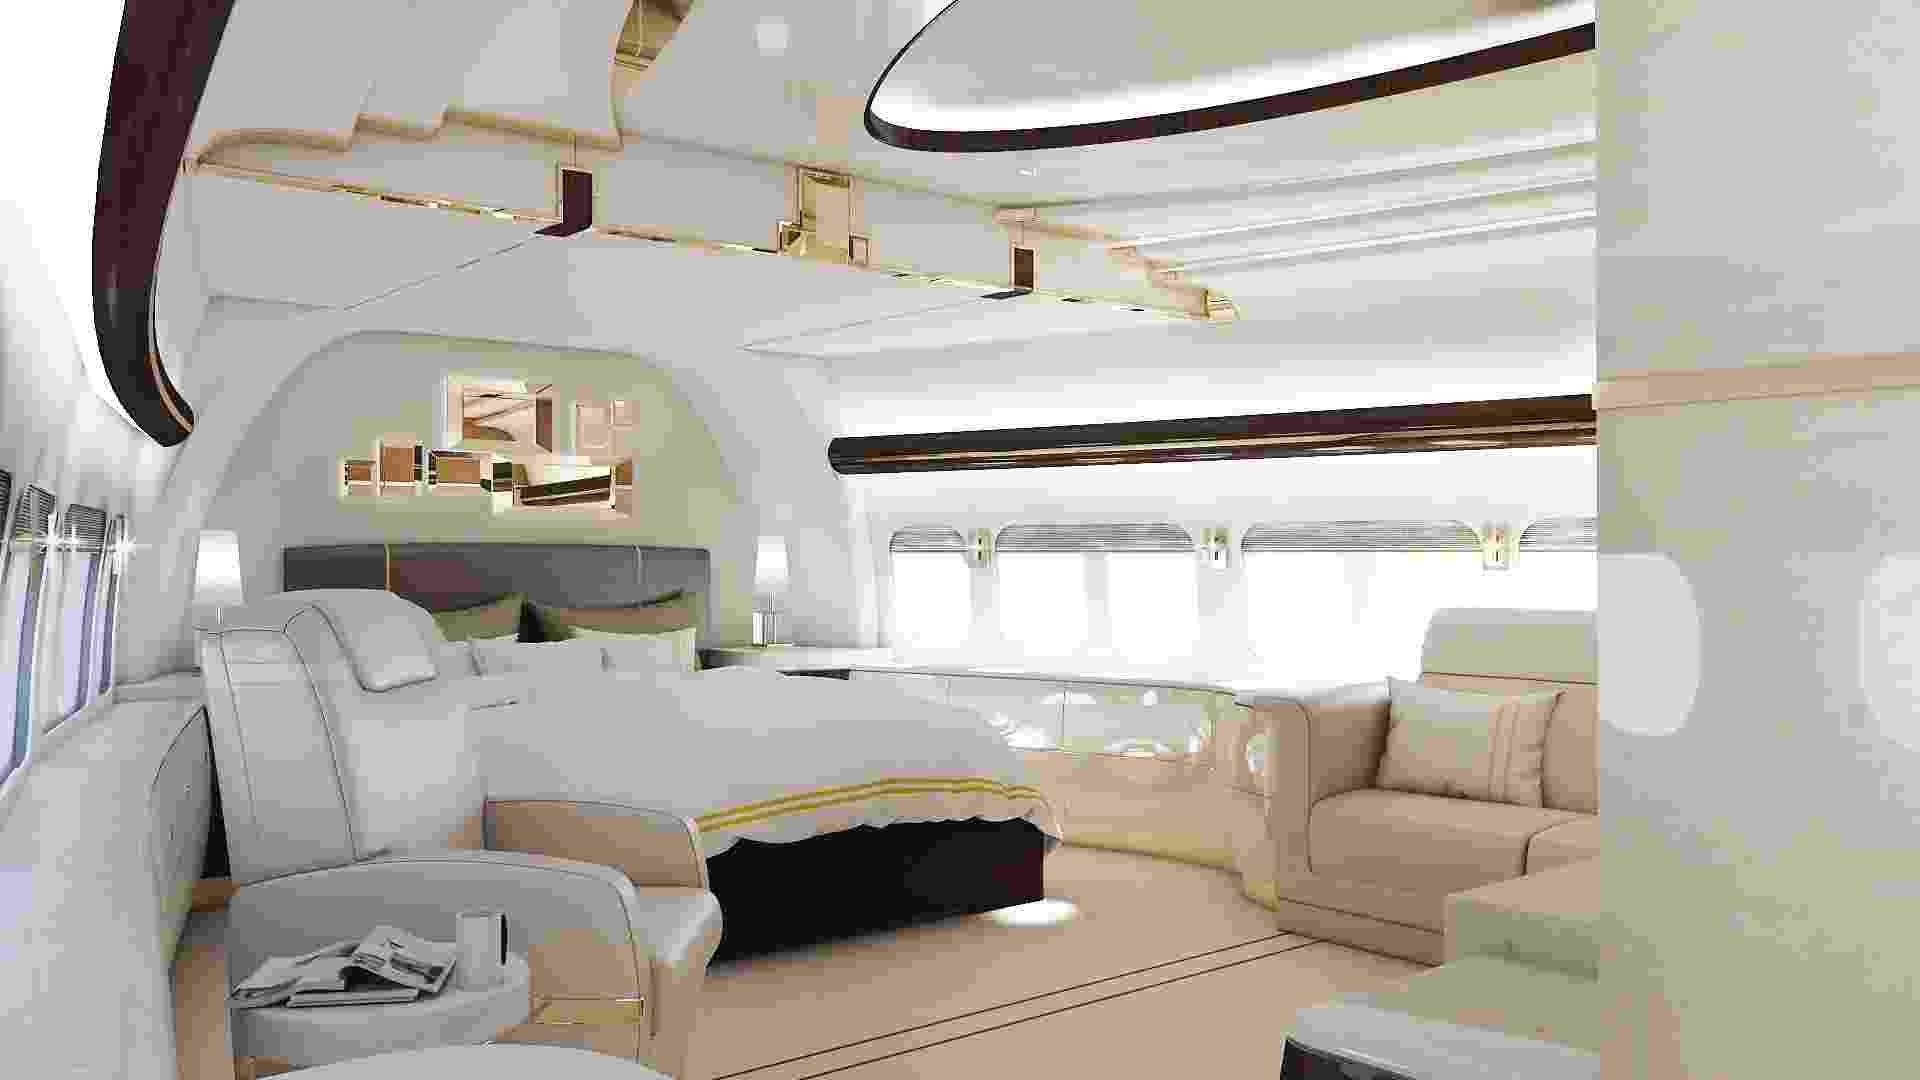 26.mai.2015 - Um bilionário misterioso transformou um Boeing 747 em uma legítima 'mansão' que voa. A reforma da aeronave custou o equivalente a R$ 2 bilhões e levou três anos para ser concluída. O avião inclui dormitórios, um restaurante e até mesmo uma zona VIP para relaxar - Greenpoint Technologies